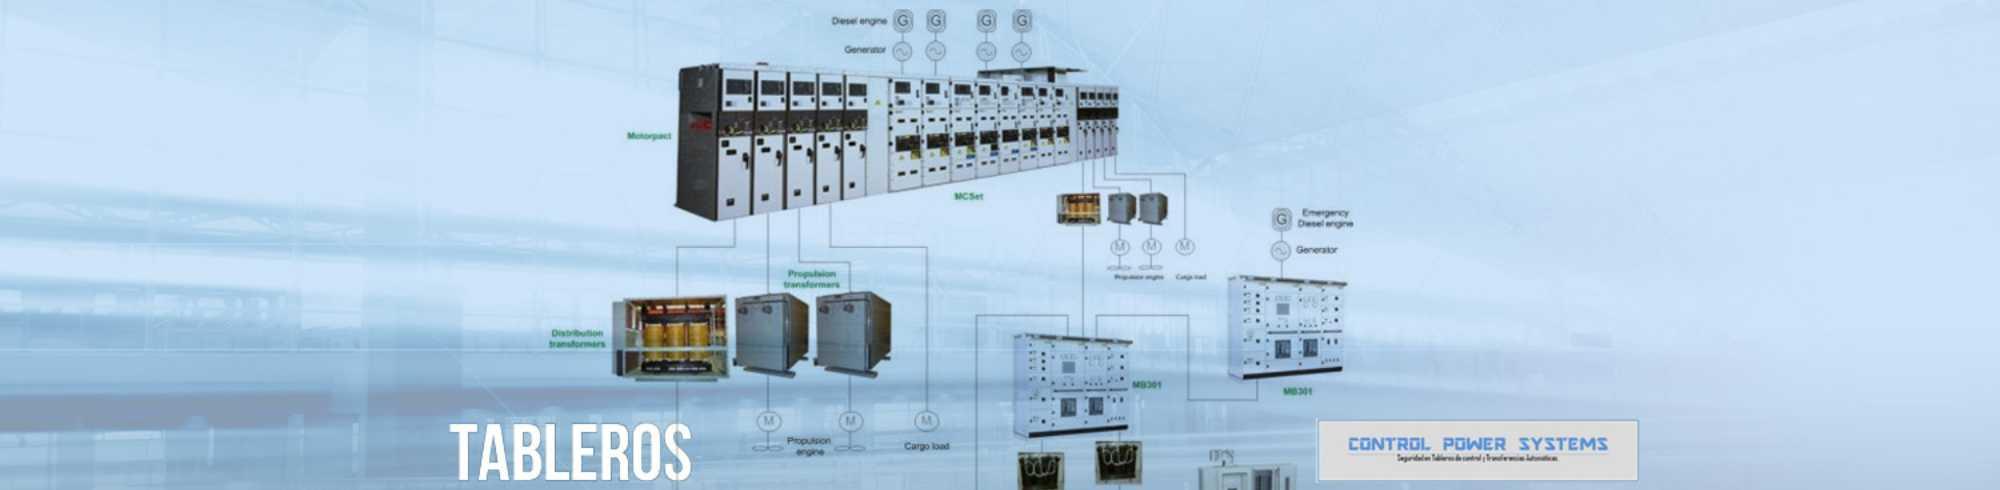 plantaselectricasdeMiami.com